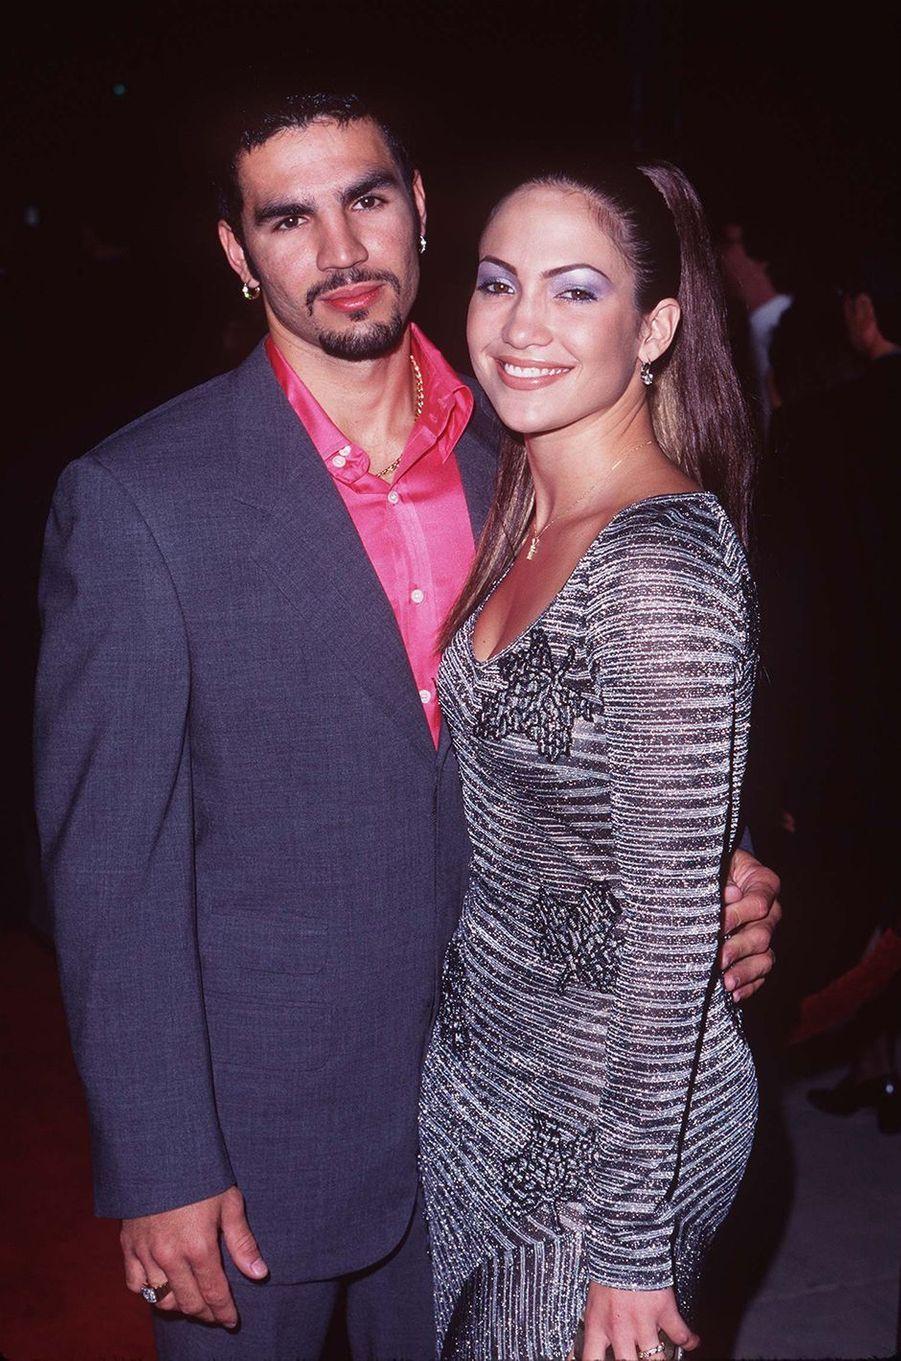 Ojani Noa et Jennifer Lopez à la première du film «U-Turn» à Los Angeles en septembre 1997.Le couple a été marié entre 1997 et 1998.